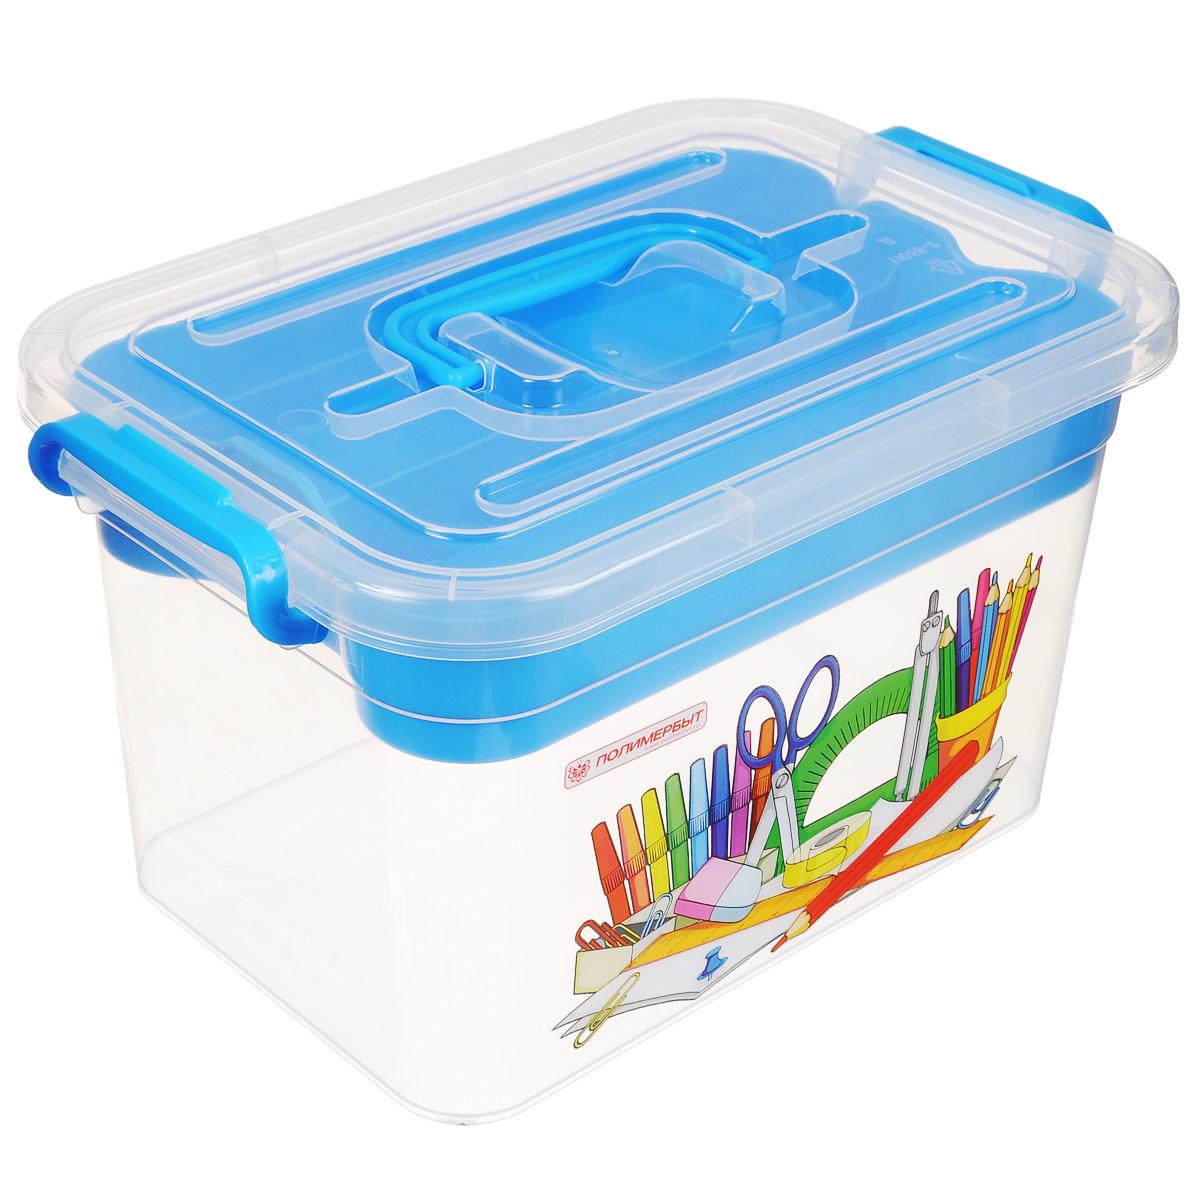 Контейнер Полимербыт Важные мелочи, с вкладышем, цвет: голубой, 6,5 лС80902Контейнер Полимербыт Важные мелочи выполнен из прозрачного пластика. Для удобства переноски сверху имеется ручка. Внутрь вставляется вкладыш голубого цвета с тремя отделениями. Контейнер плотно закрывается крышкой с защелками. В нем удобно хранить любые мелкие бытовые предметы: канцелярию, принадлежности для шитья и т.д.Контейнер Полимербыт Важные мелочи очень вместителен и поможет вам хранить все мелочи в одном месте.